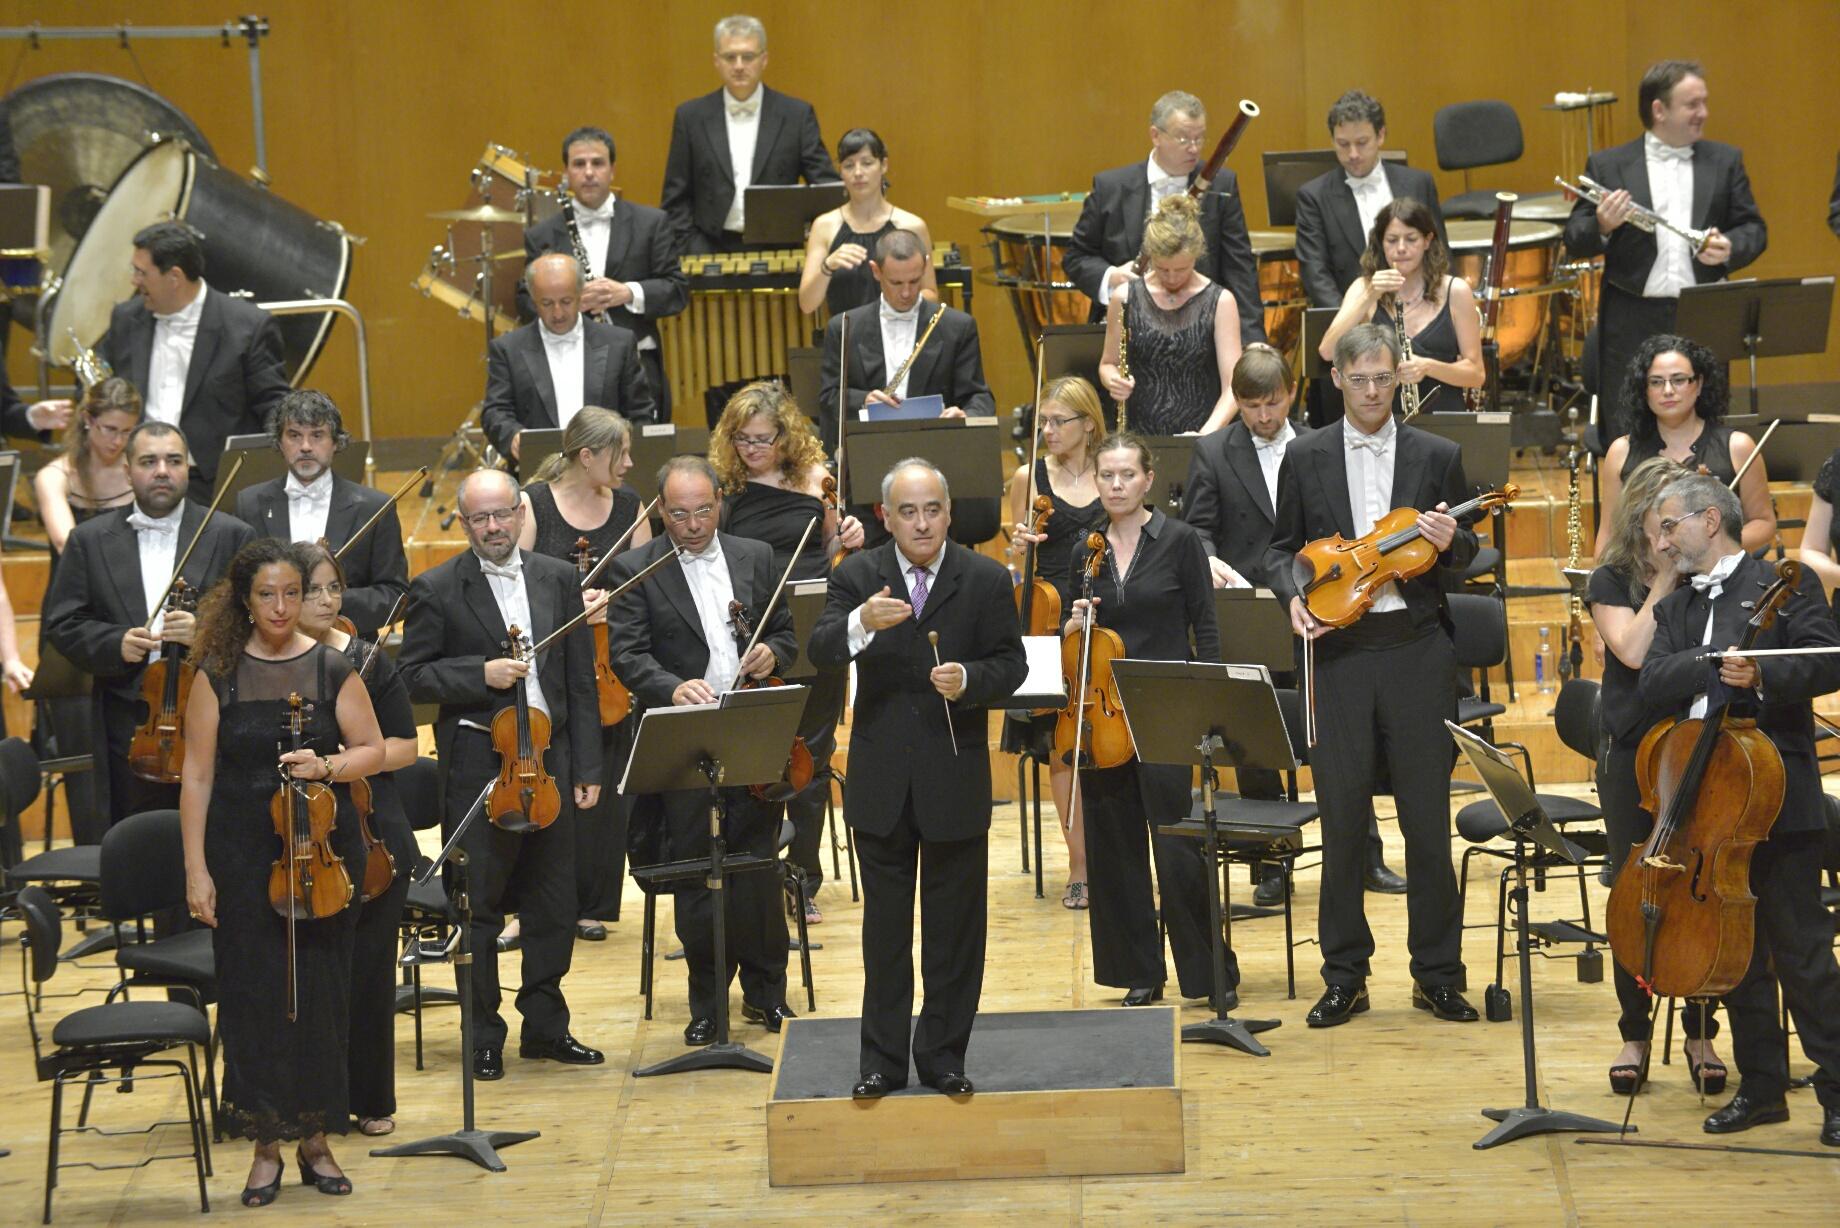 Outra imaxe da orquestra nun concerto co seu director asociado.